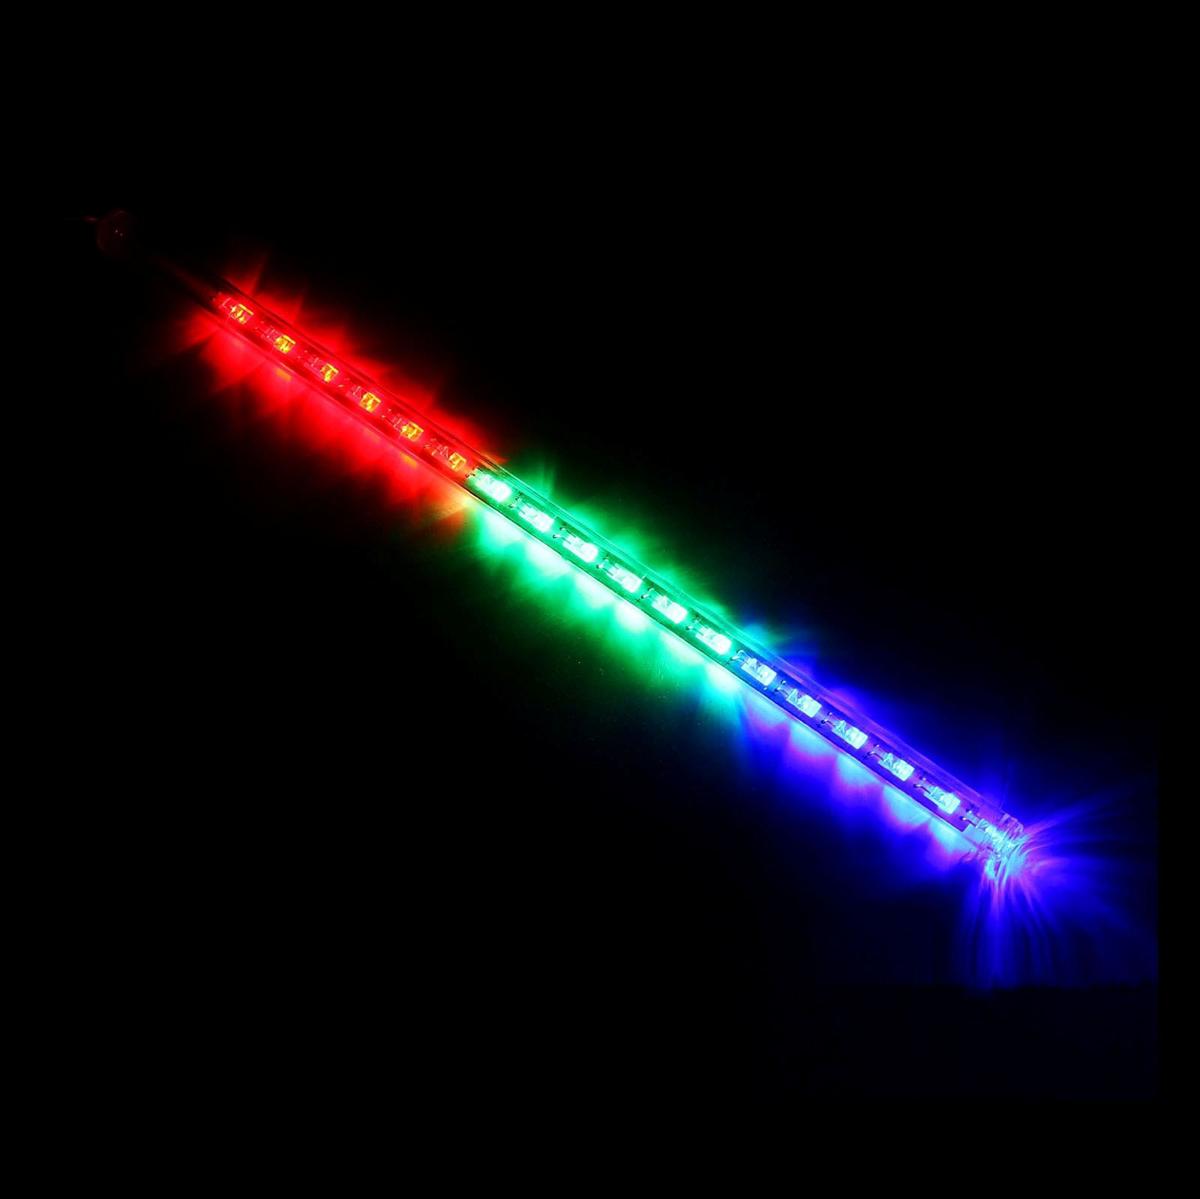 Светодиодная сосулька Luazon Тающая, длина 0,3 м, диаметр 2 см, LED 18 ламп, 220V, цвет: мультиколор678890Светодиодные гирлянды, ленты и т.д — это отличный вариант для новогоднего оформления интерьера или фасада. С их помощью помещение любого размера можно превратить в праздничный зал, а внешние элементы зданий, украшенные ими, мгновенно станут напоминать очертания сказочного дворца. Такие украшения создают ауру предвкушения чуда. Деревья, фасады, витрины, окна и арки будто специально созданы, чтобы вы украсили их светящимися нитями.